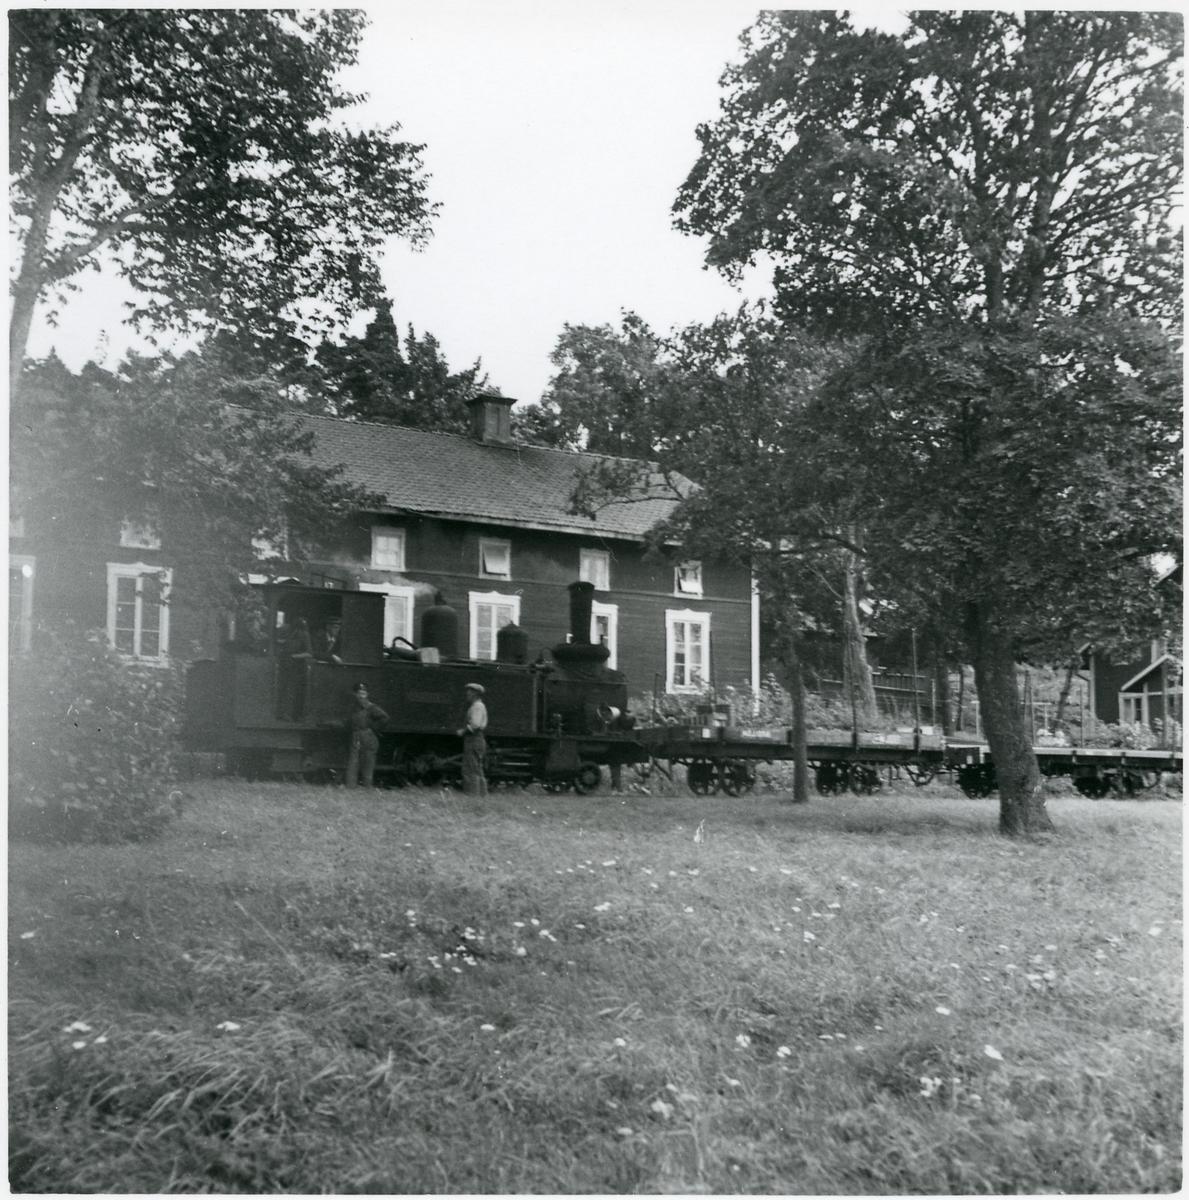 """Bruksgatan i Lotorp, ånglok med tåg. Detta är troligen Finspong Lotorps Järnväg, FgLpJ lok 2 """"Nordiska""""."""